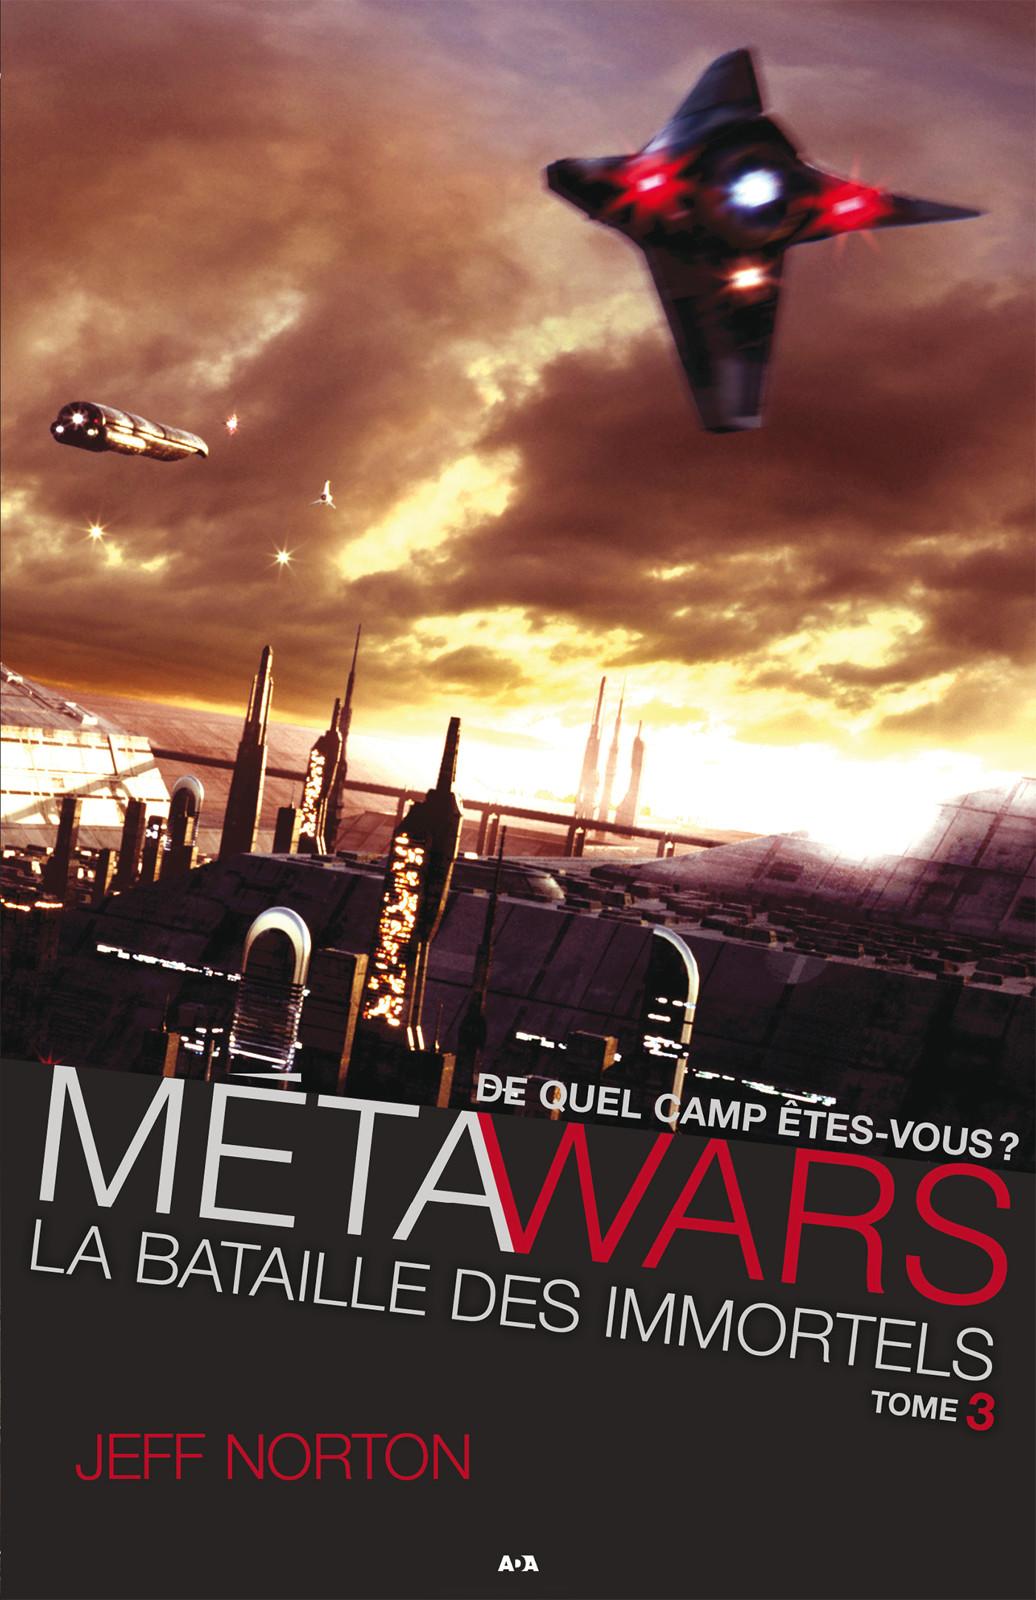 MétaWars, La bataille des immortels